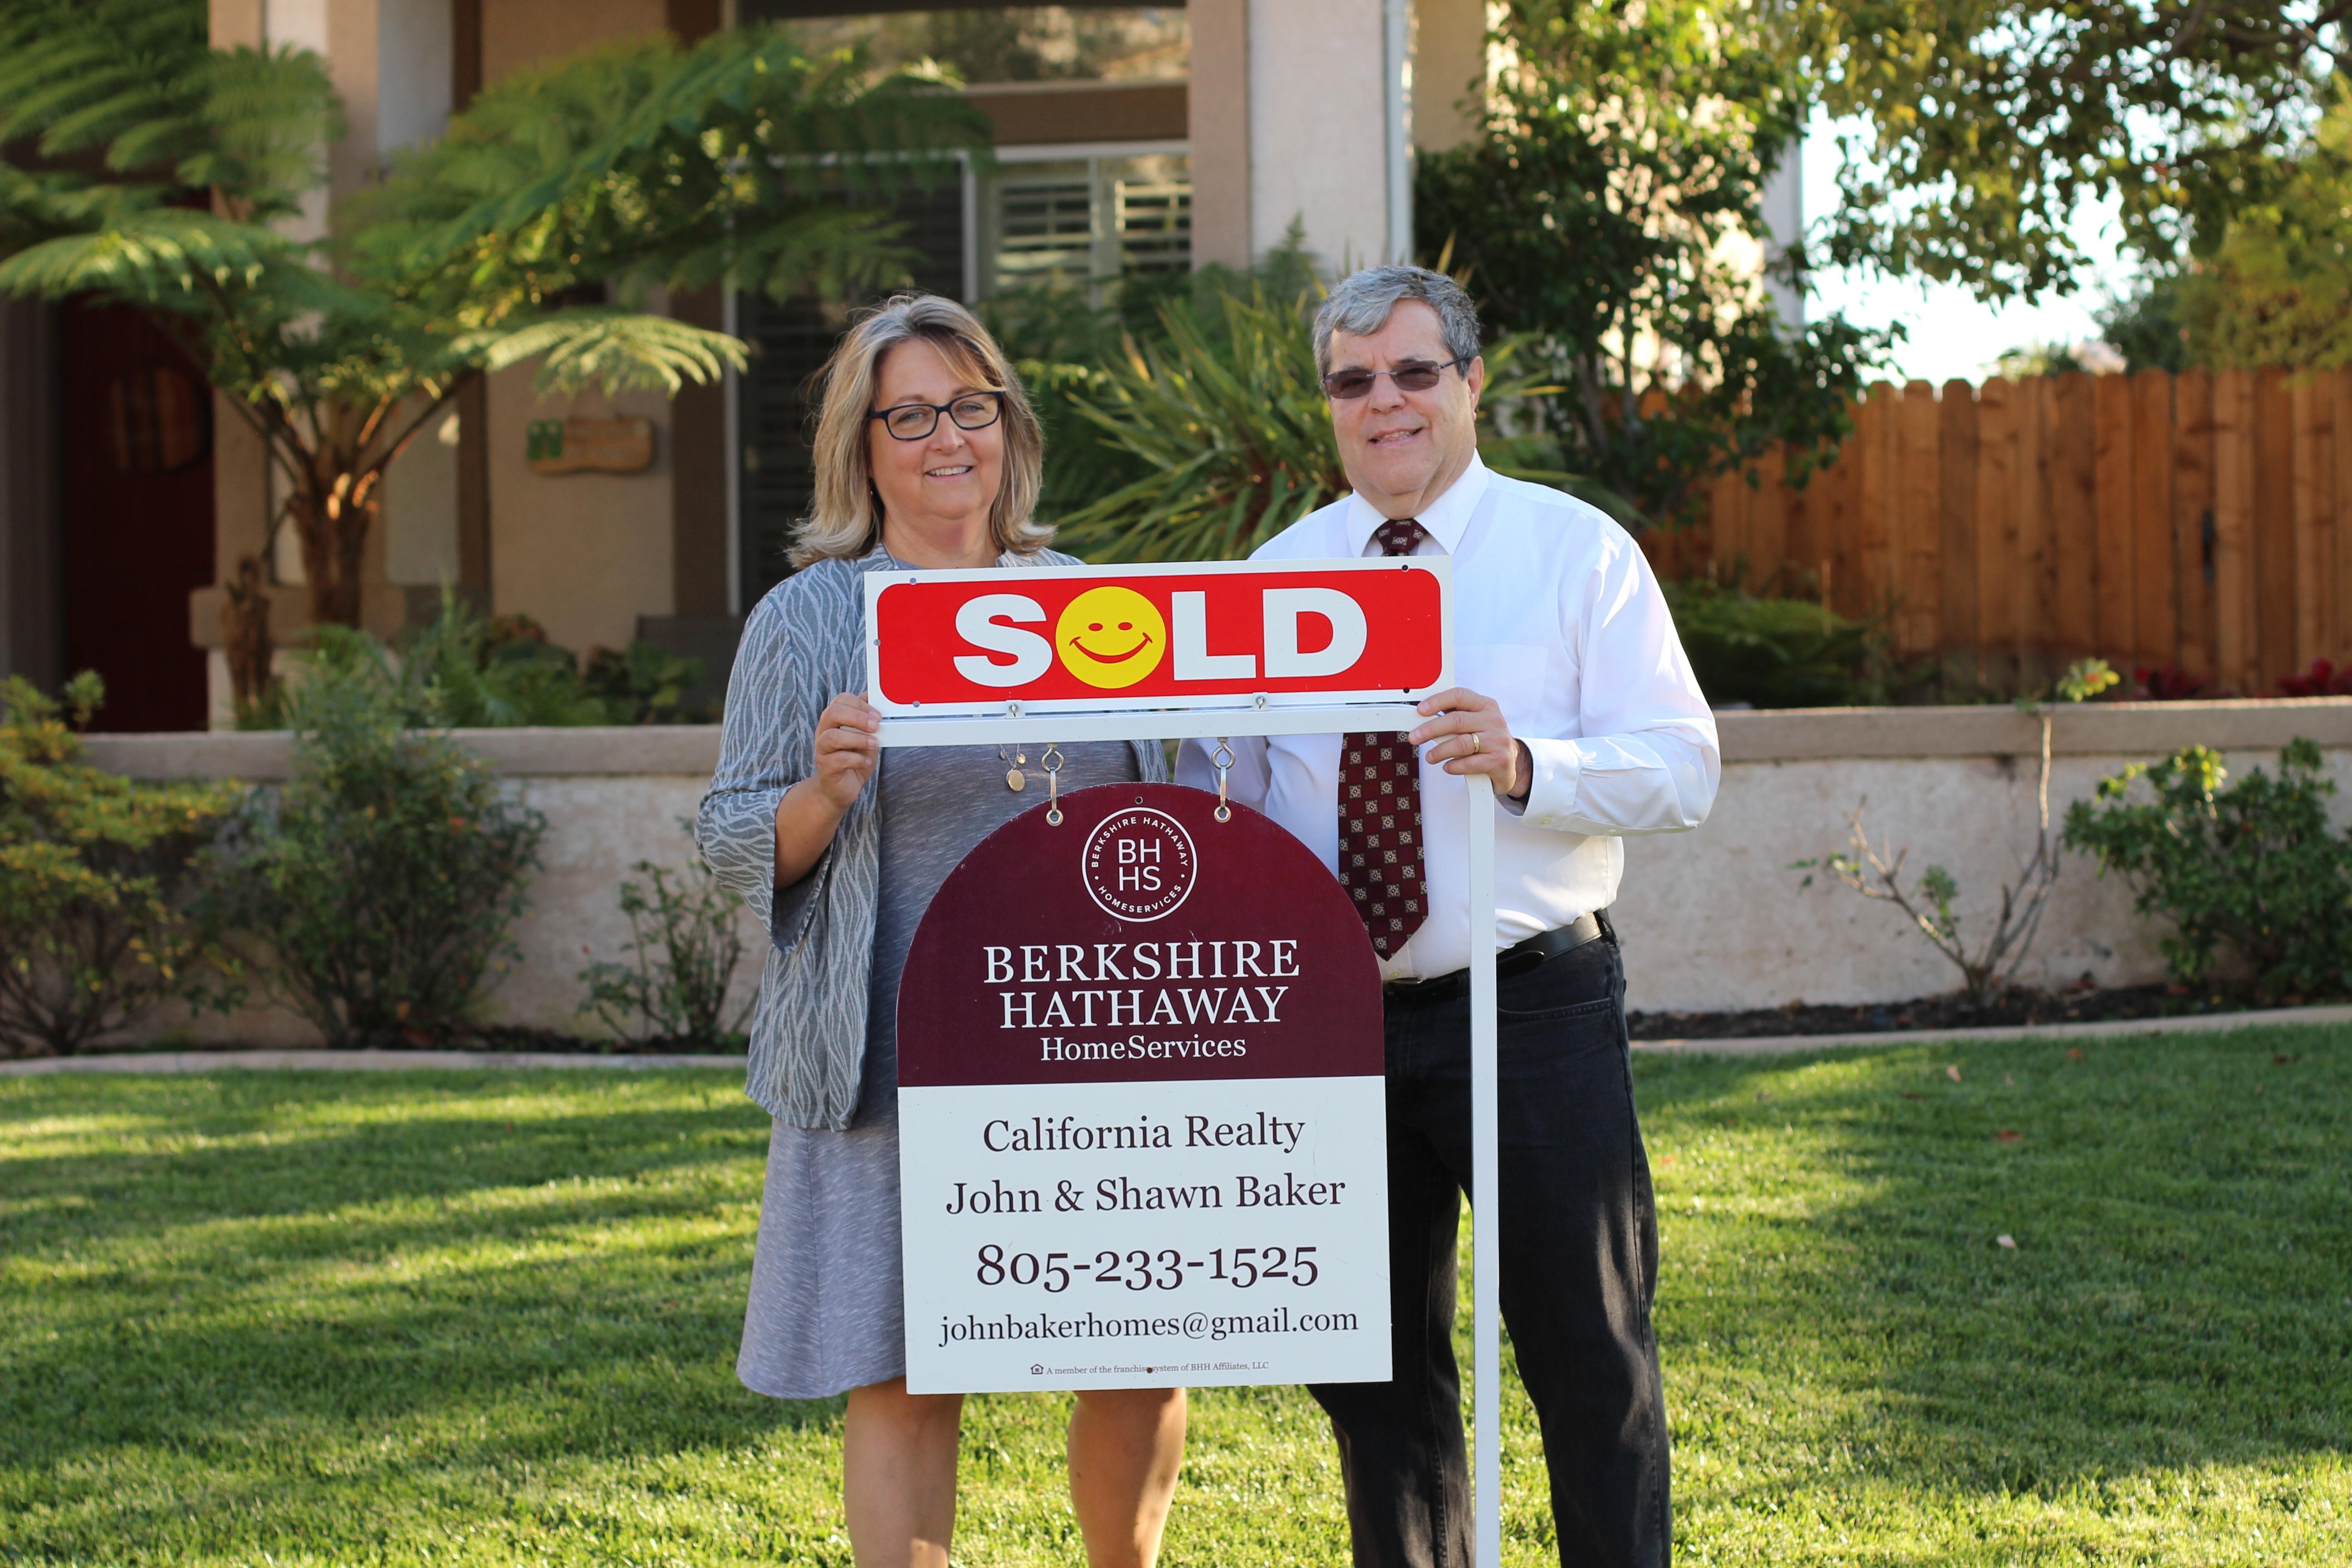 camarillo real estate agents